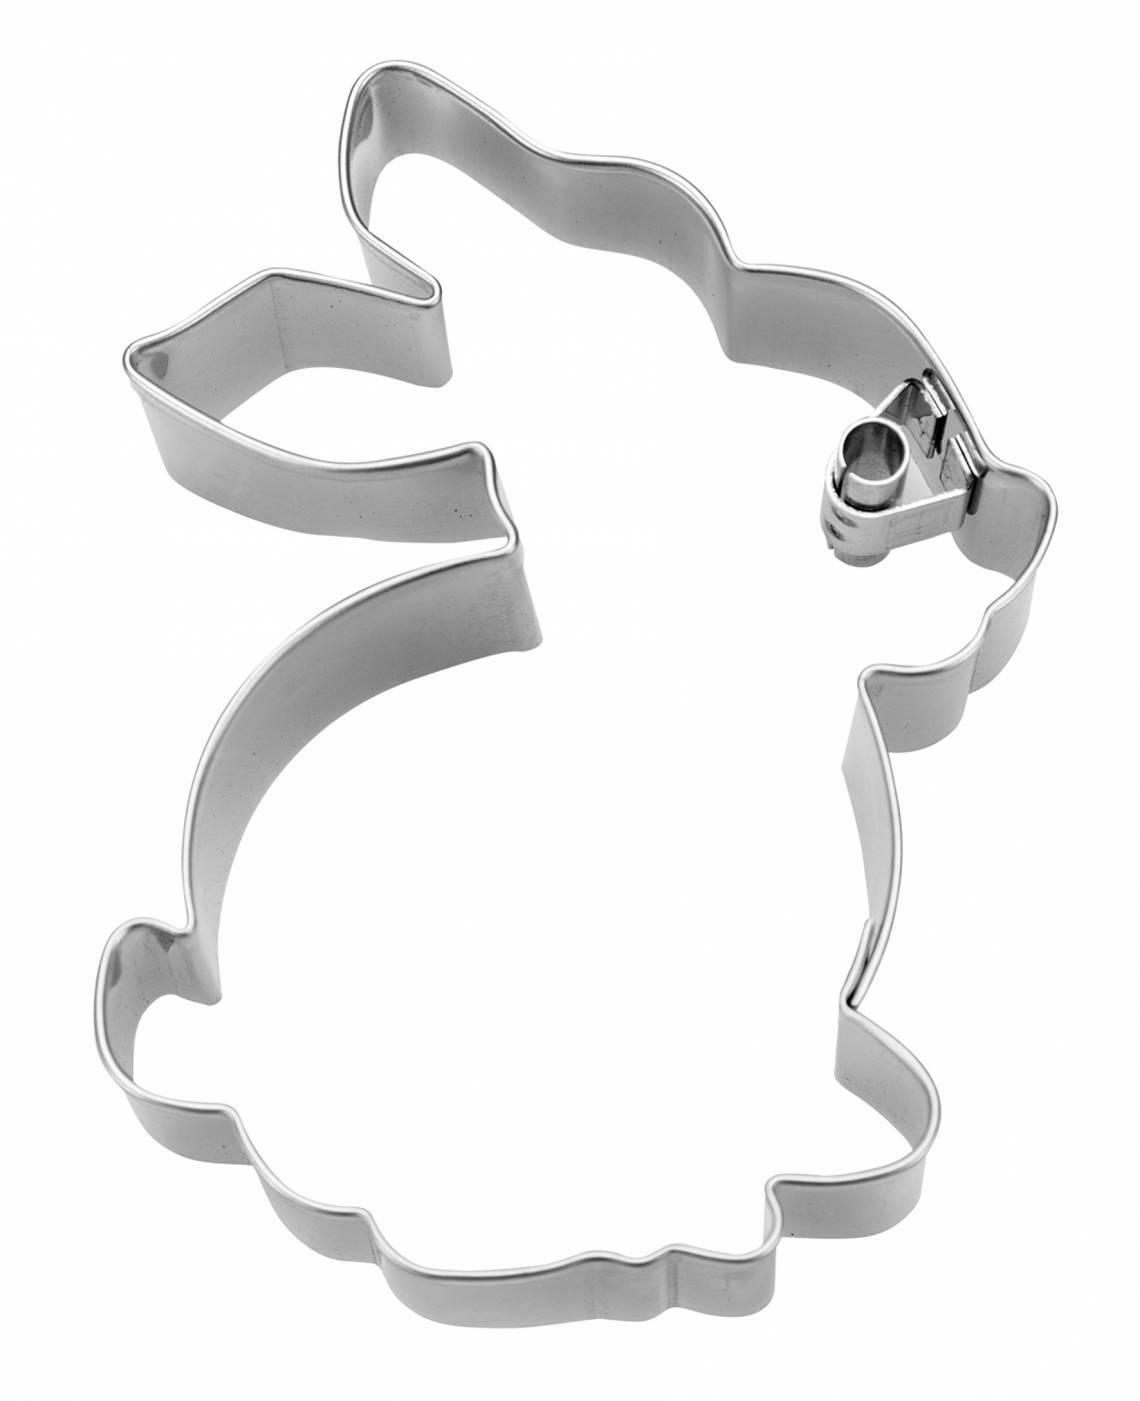 Staedter Präge-Ausstecher Hase, sitzend Art. Nr.217188